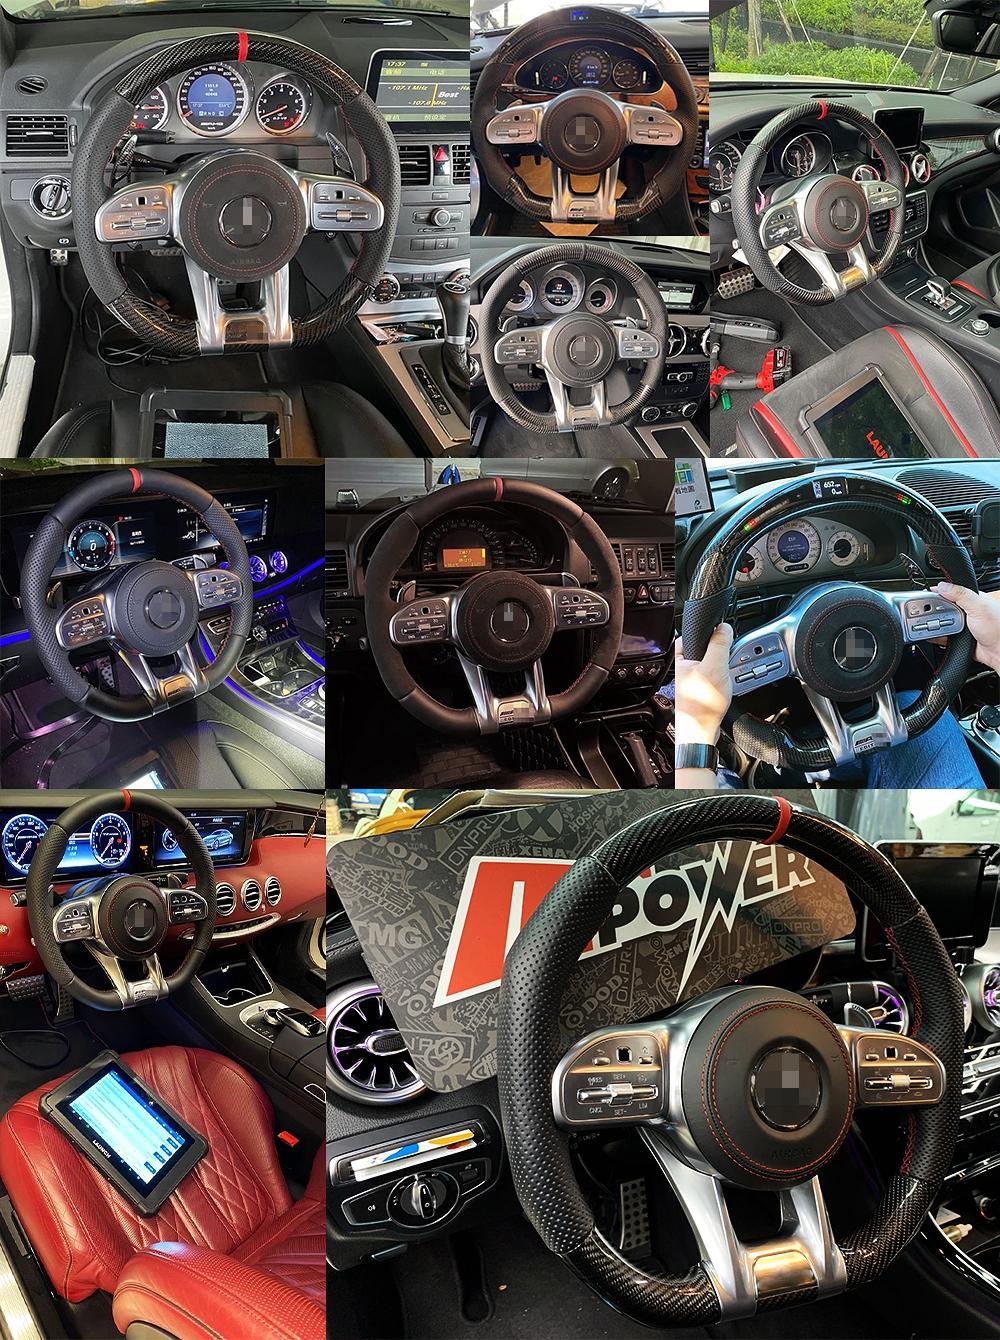 http://www.cardvr.url.tw/91/wheel_06.jpg